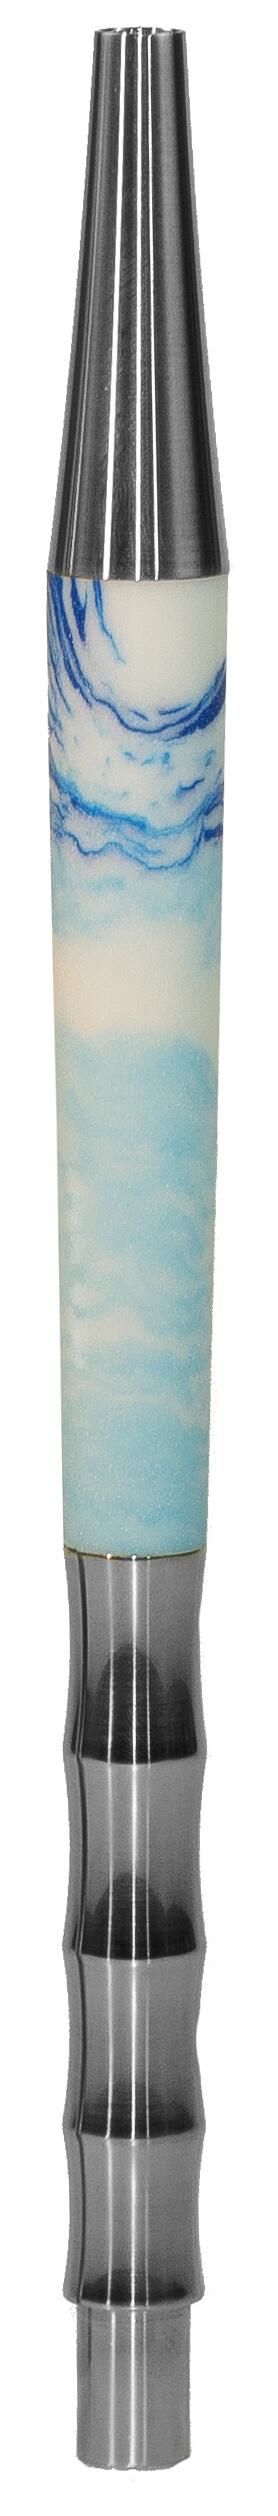 Мундштук Totem Мармур Blue